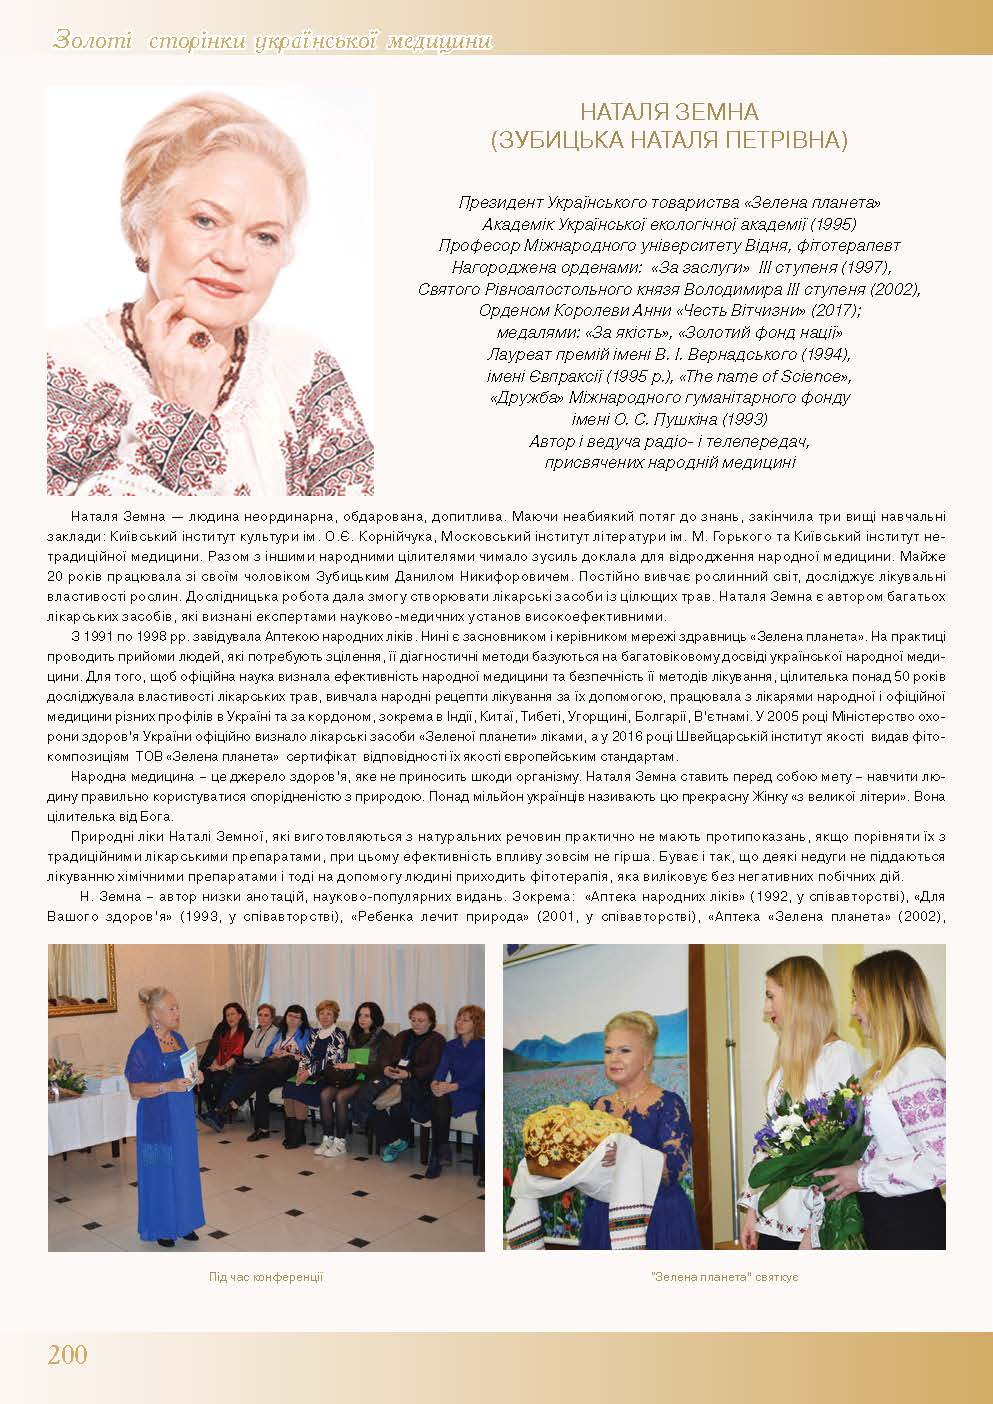 Наталя Земна (Зубицька Наталя Петрівна)